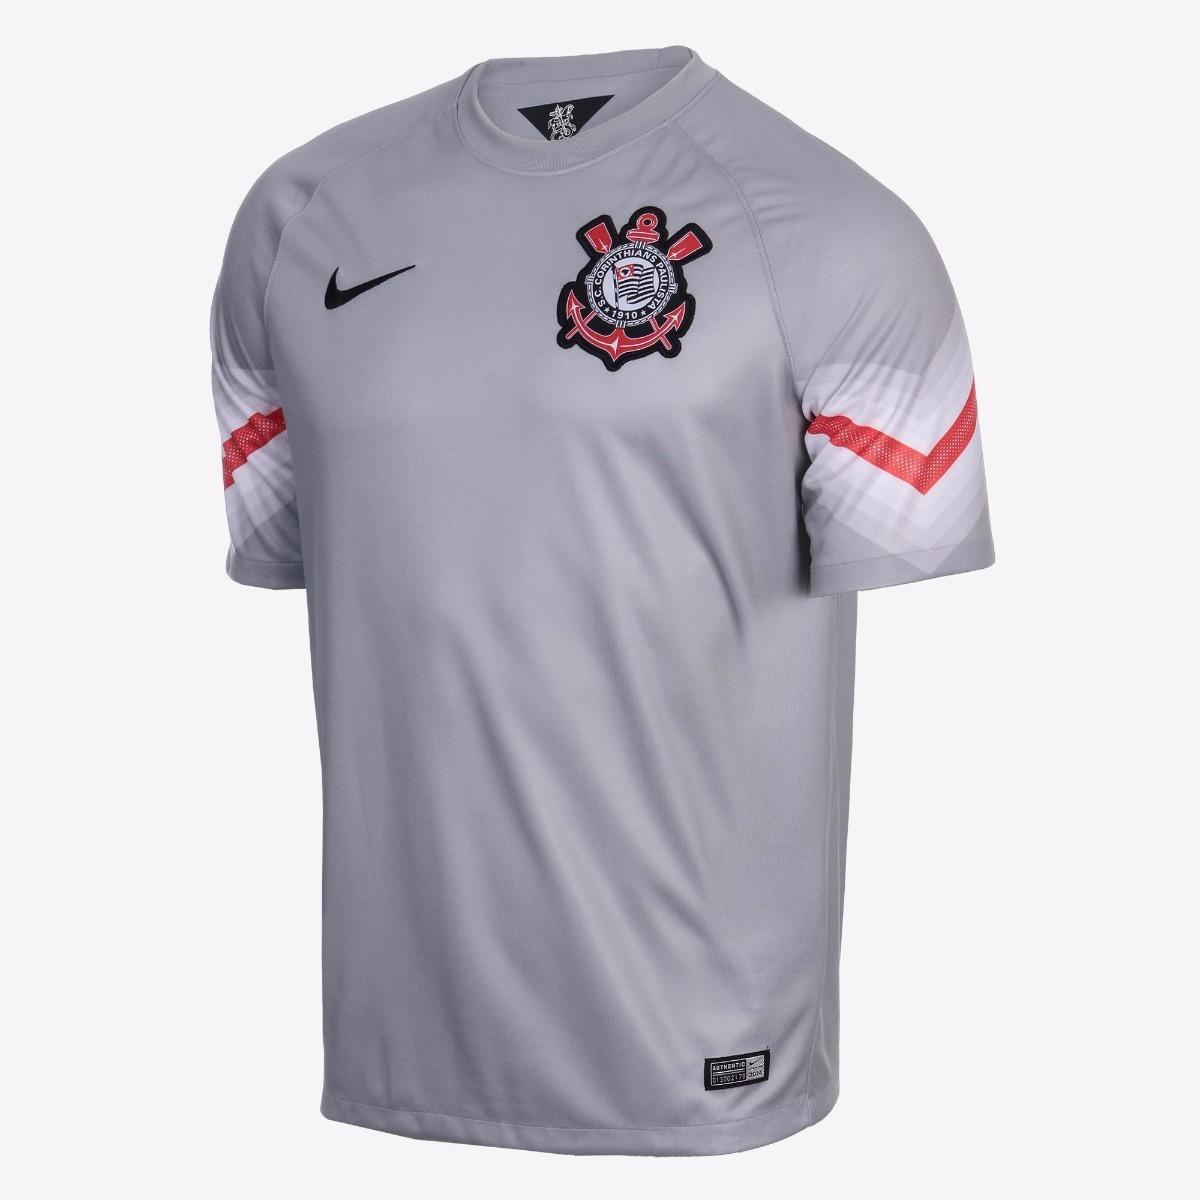 camisa corinthians nike goleiro 2014. Carregando zoom. d710be8936095